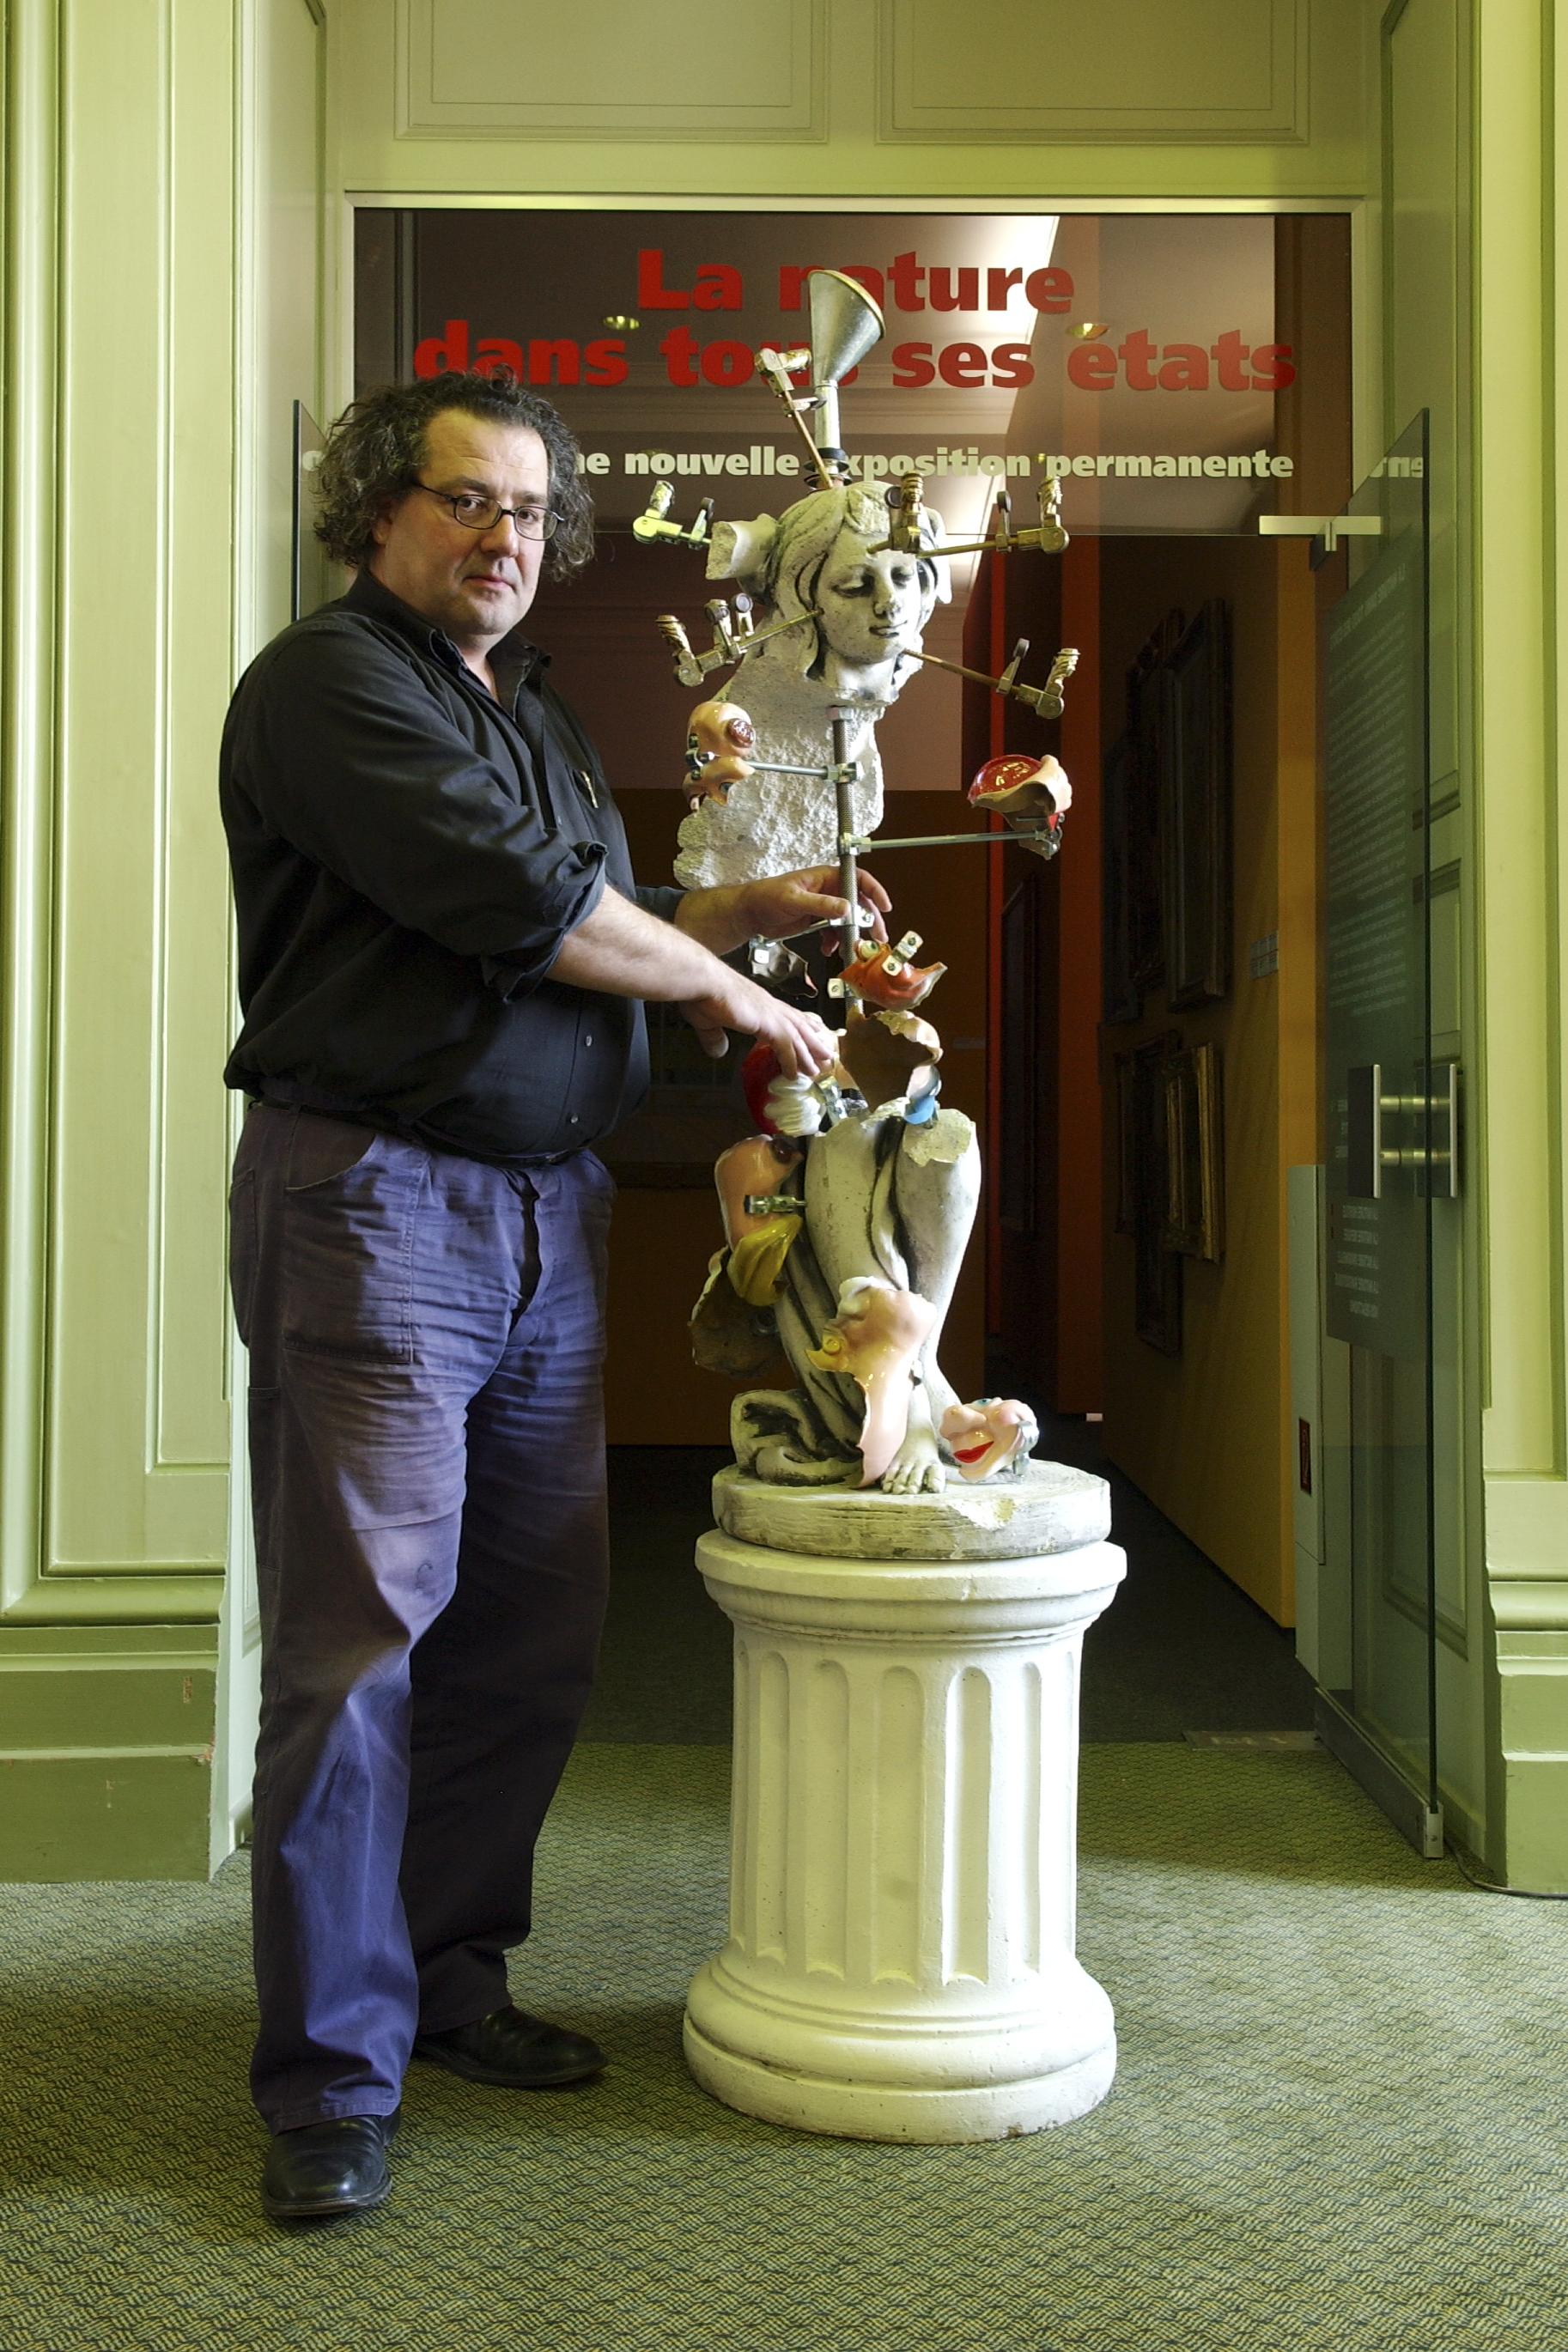 L'artiste Pavel Schmidt devant son oeuvre nouvellement reconstituée à partir de fragments de sculptures classiques